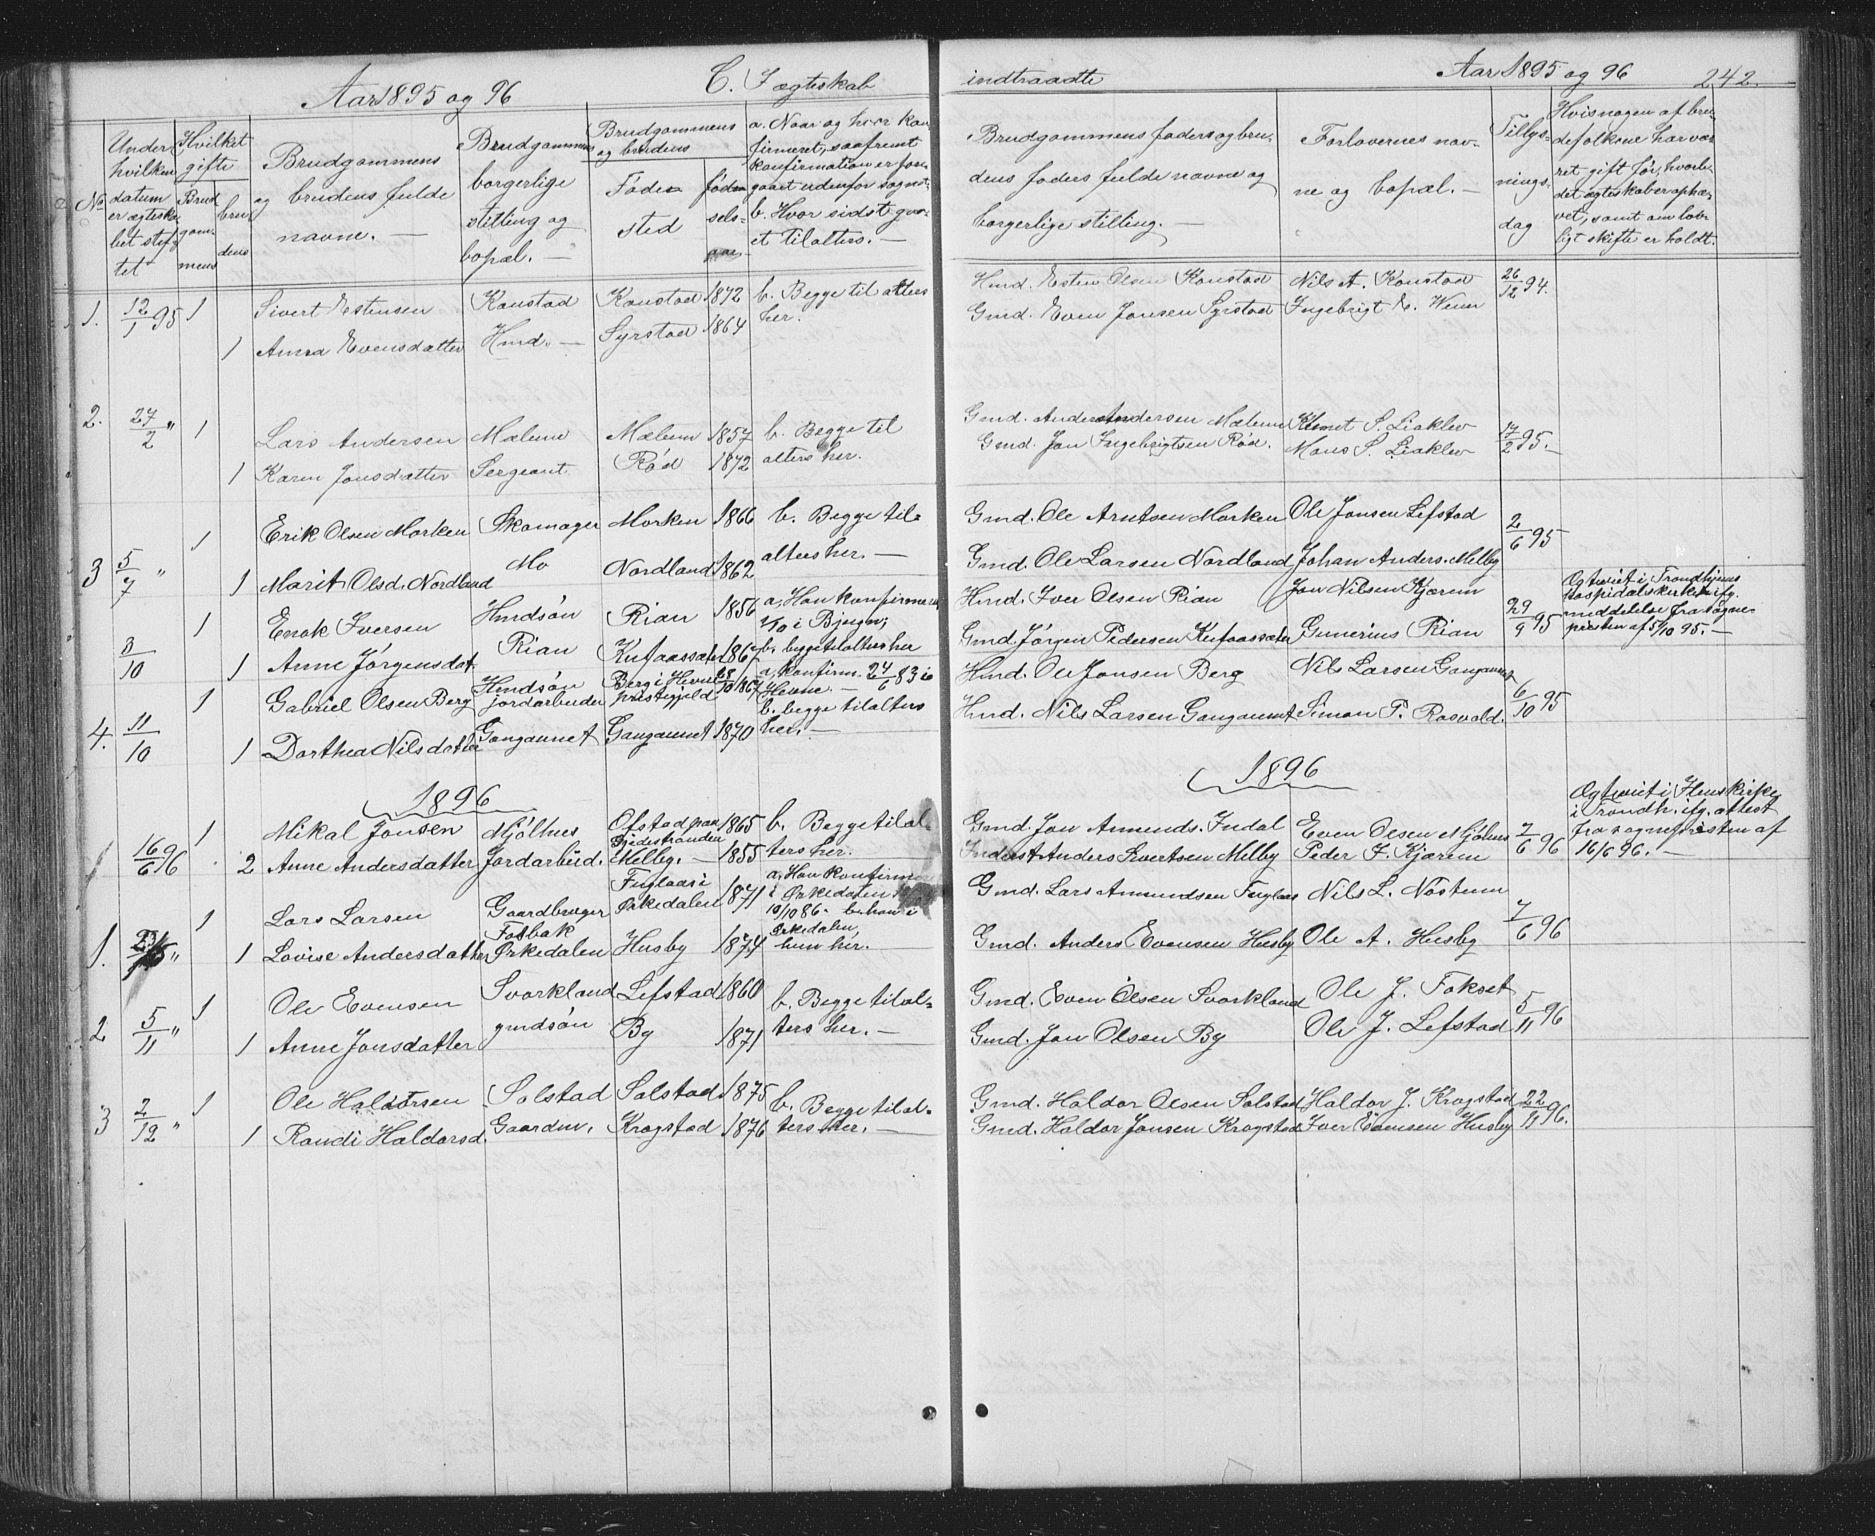 SAT, Ministerialprotokoller, klokkerbøker og fødselsregistre - Sør-Trøndelag, 667/L0798: Klokkerbok nr. 667C03, 1867-1929, s. 242